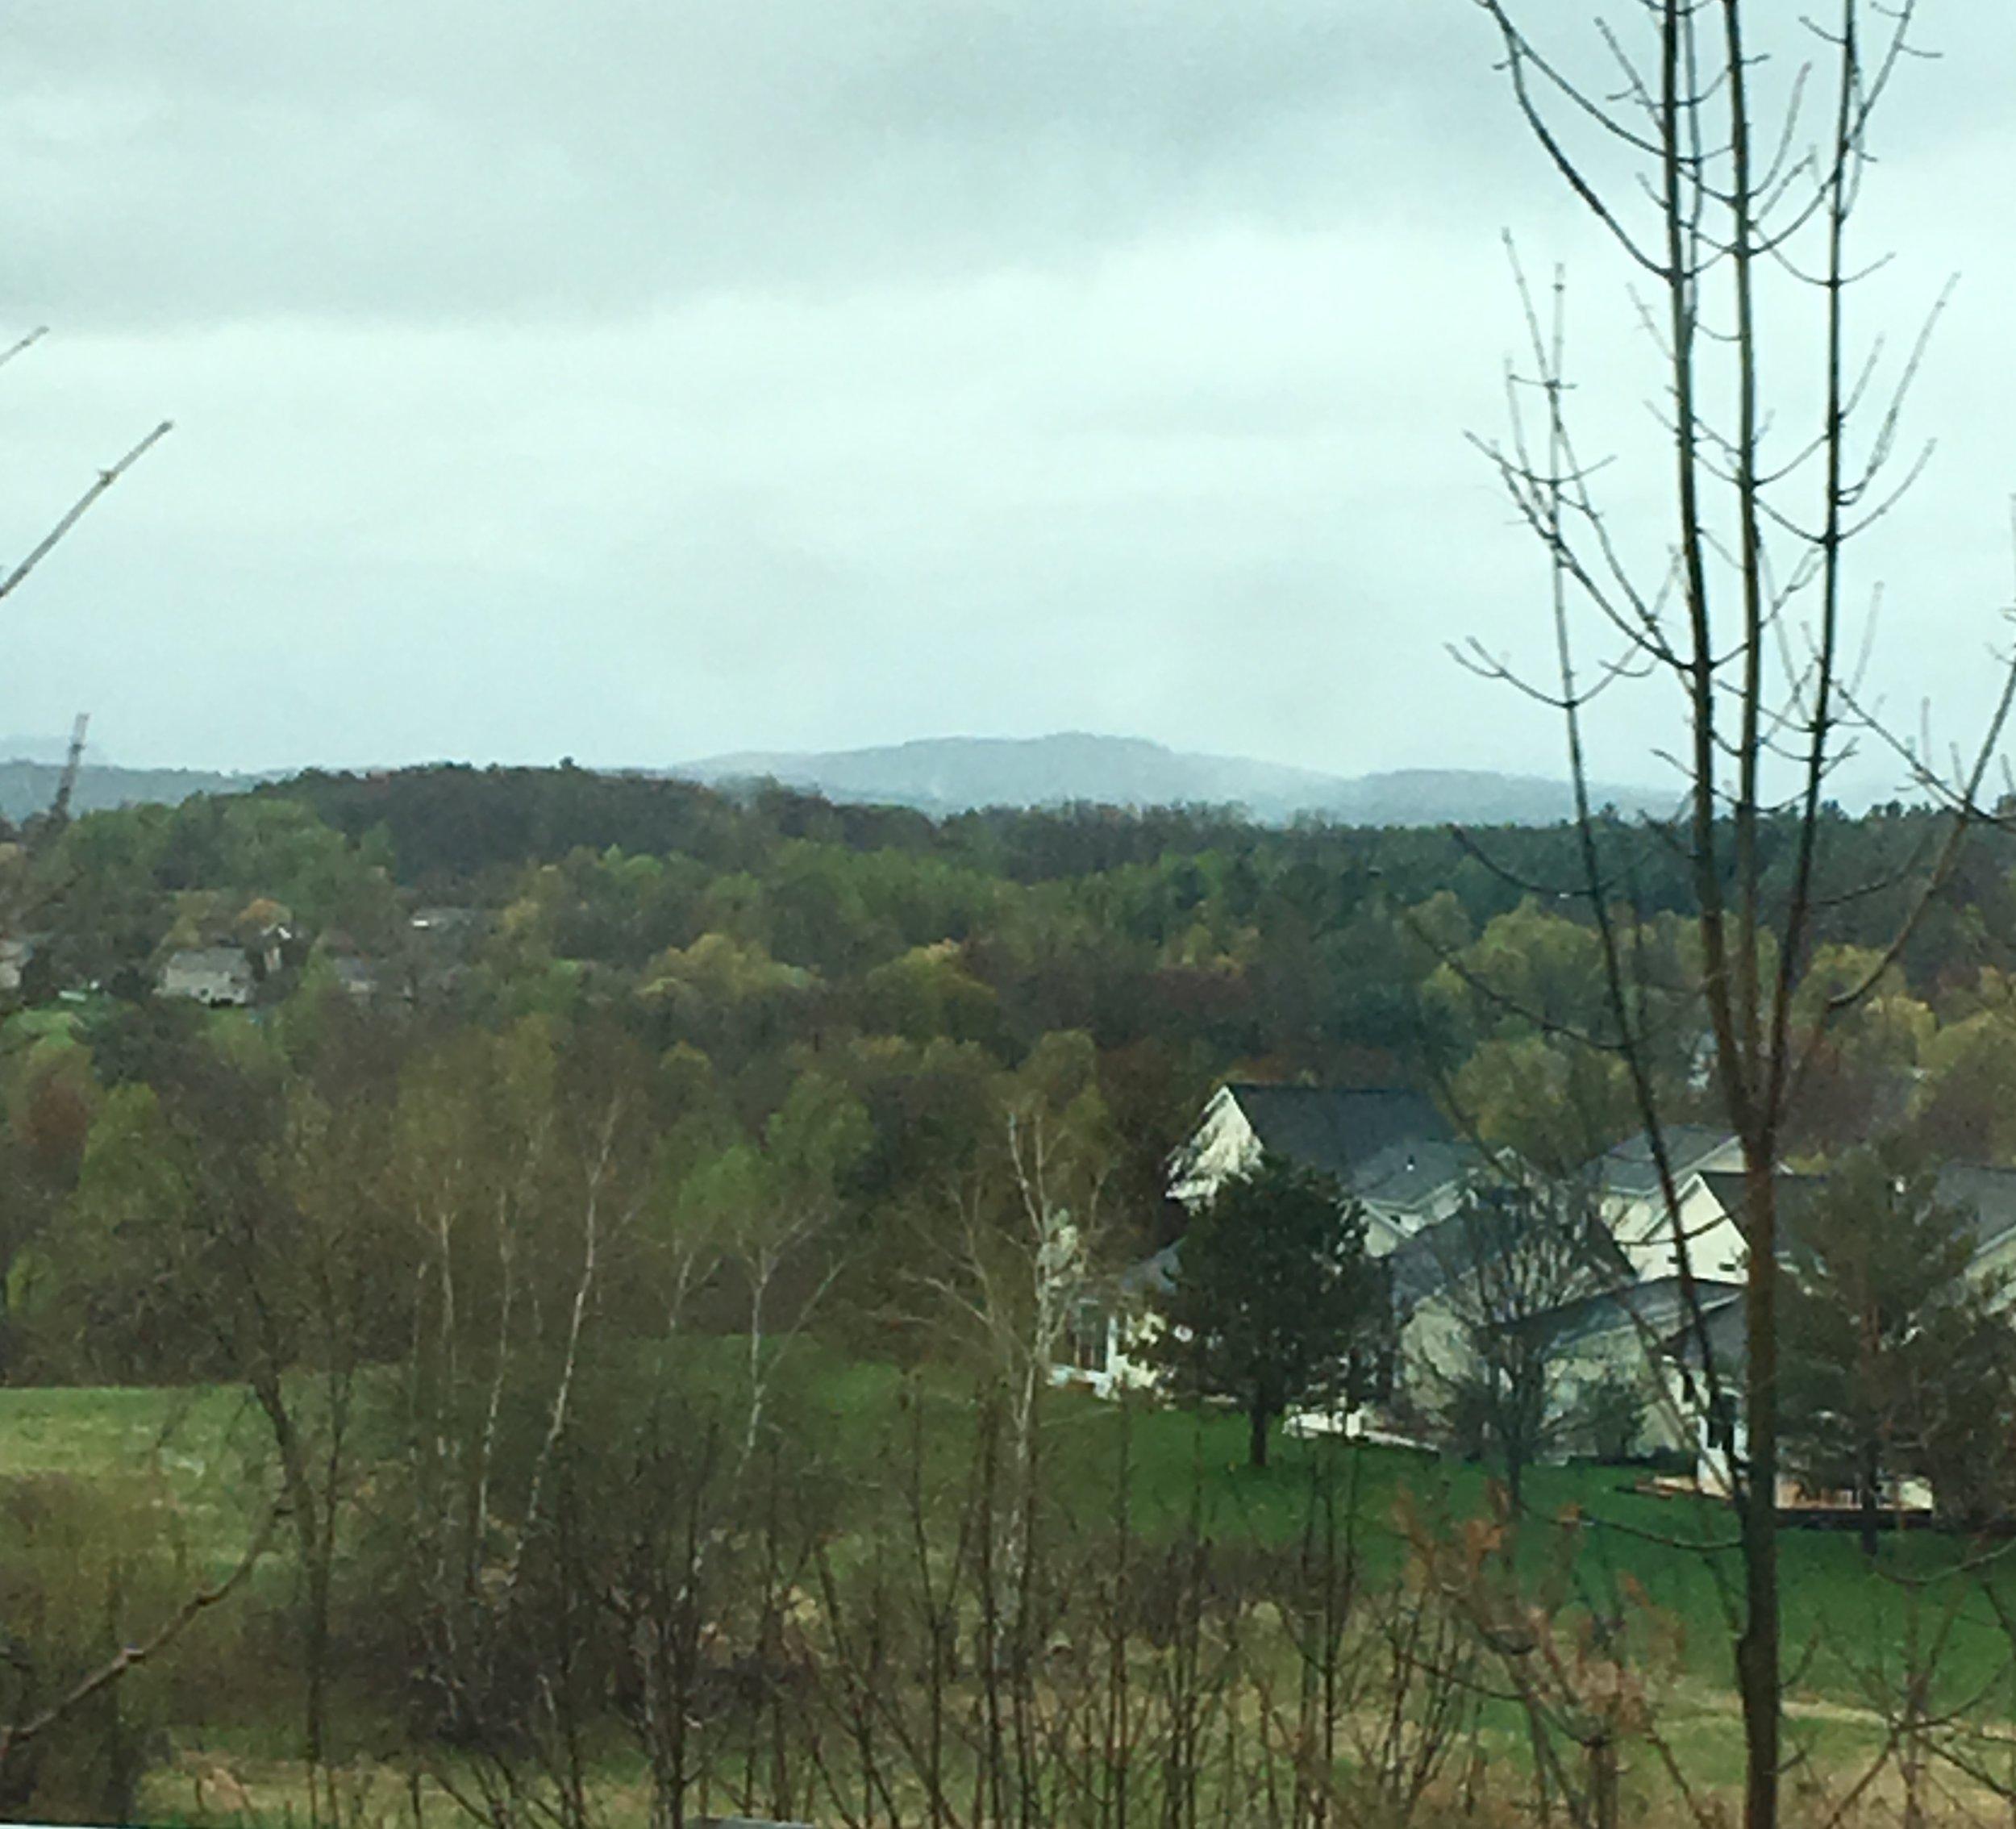 Vermont hills